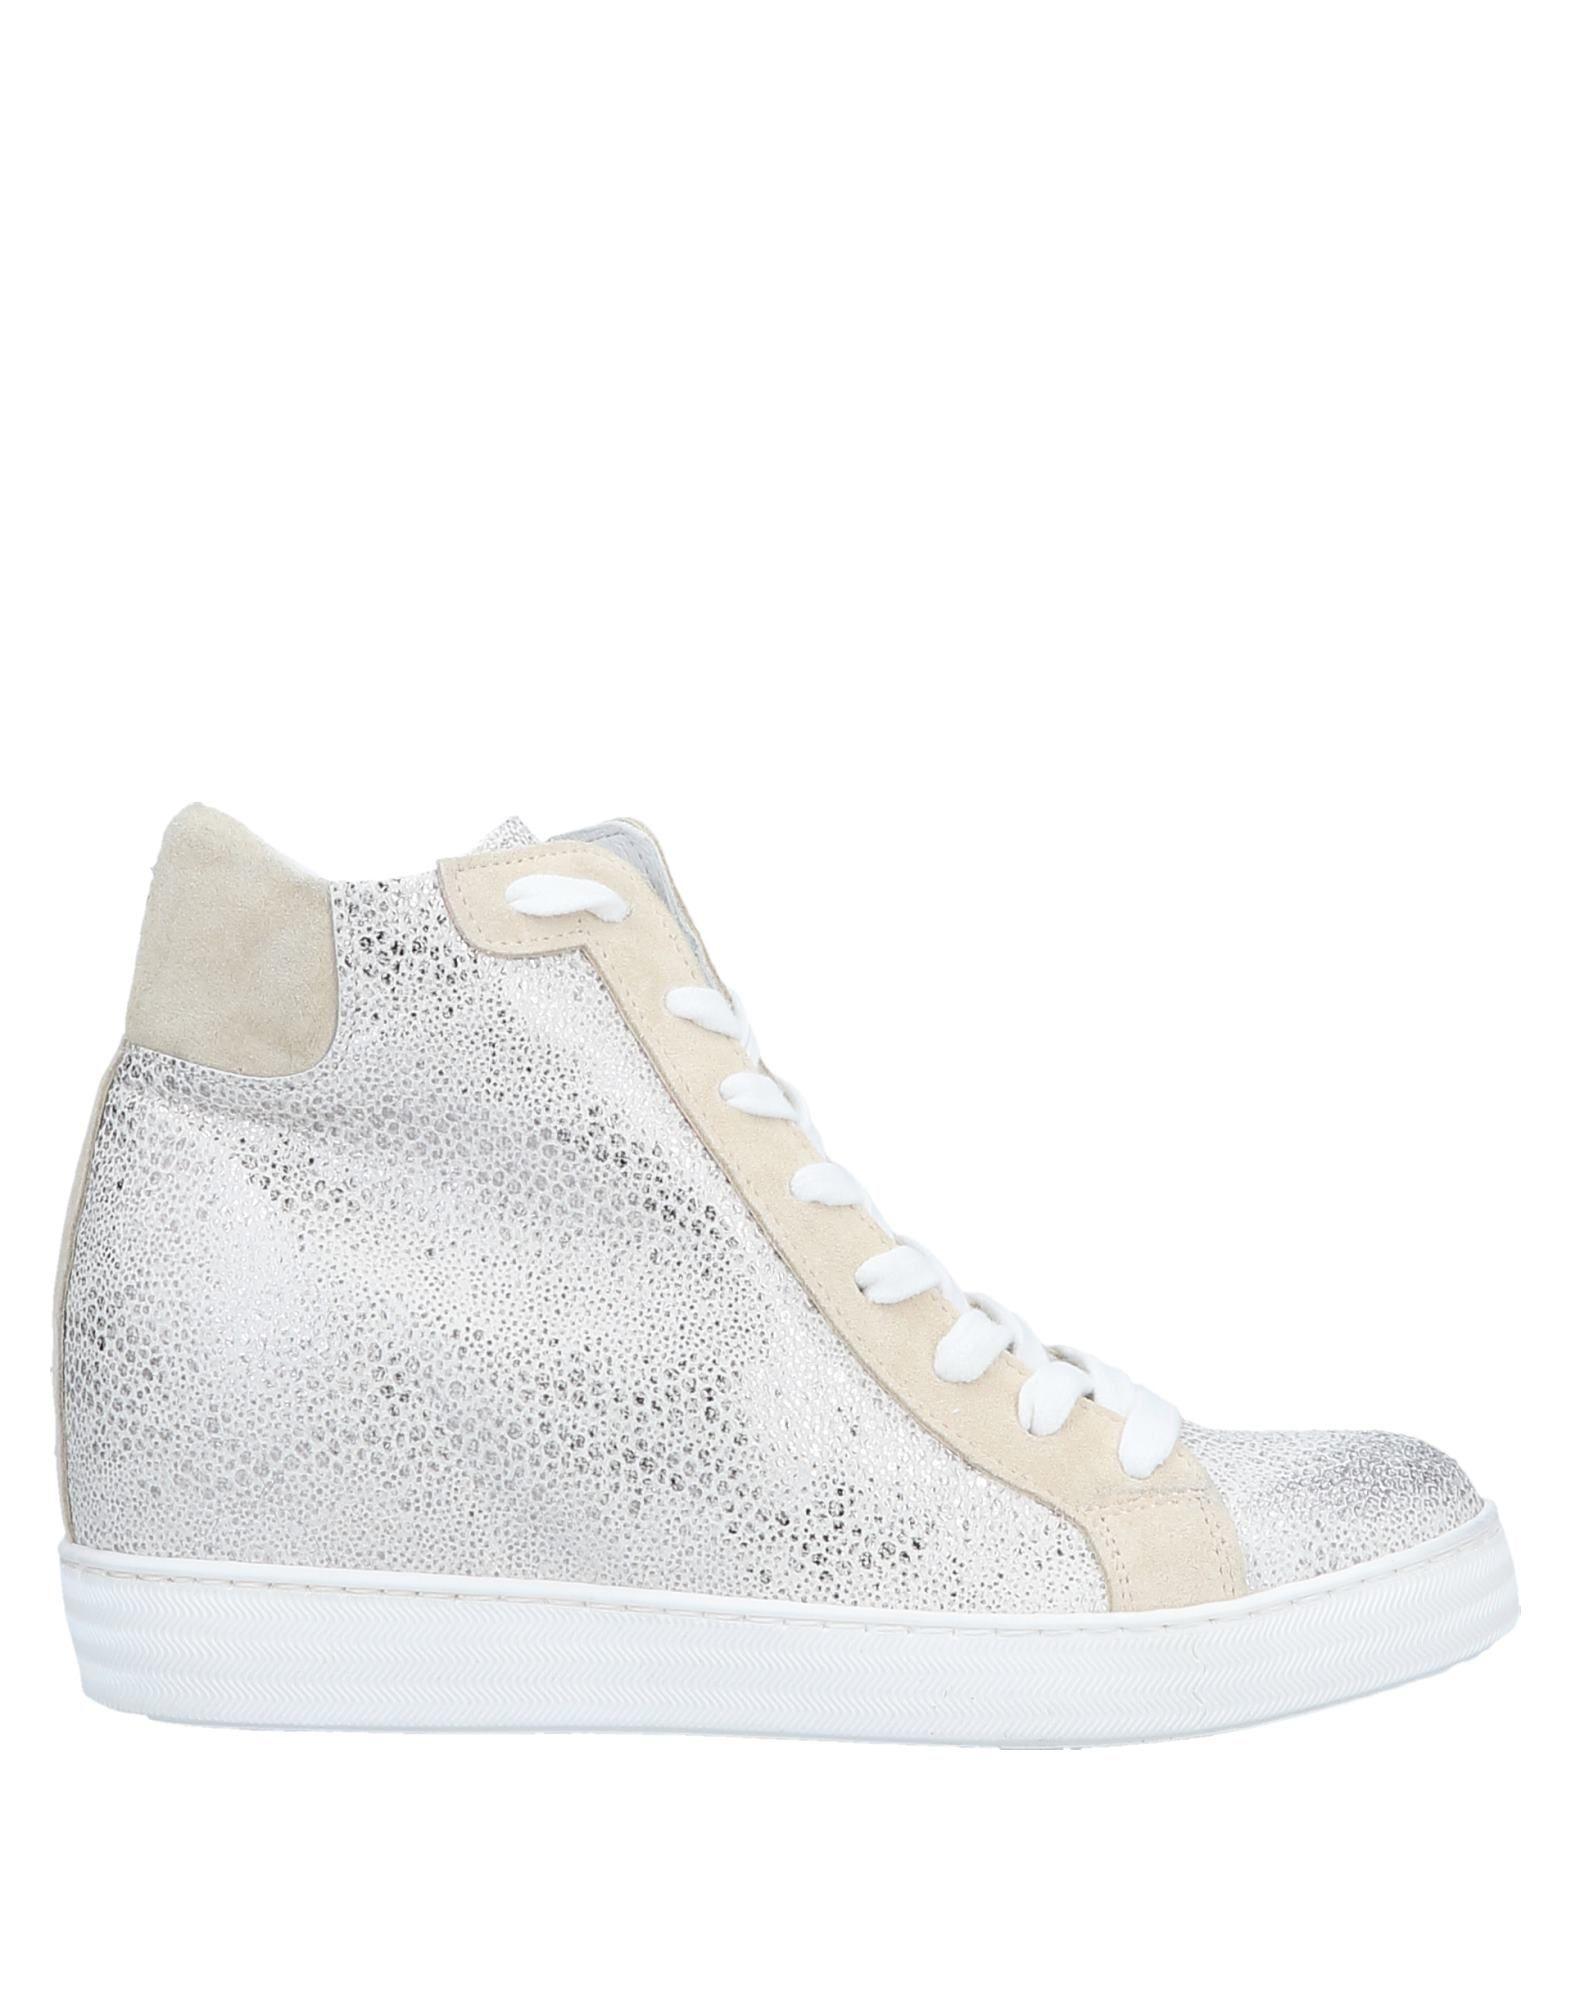 Tsd12 Sneakers - Women Tsd12 Sneakers online on 11567437EN  United Kingdom - 11567437EN on 034a60